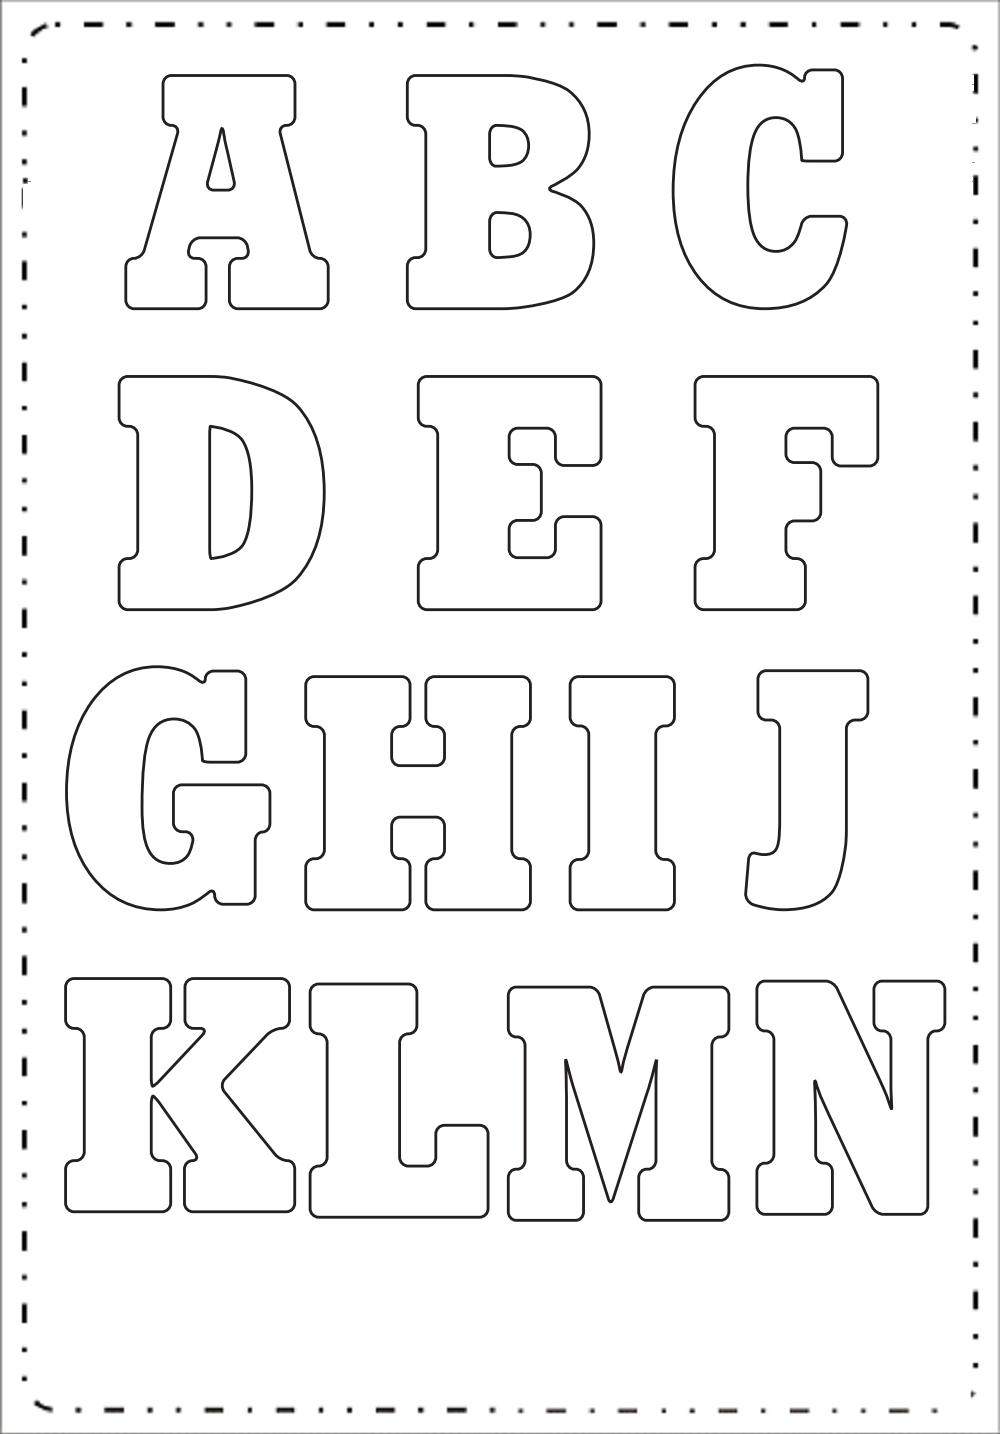 Moldes de Letras Grandes para Imprimir - Letras Retas.